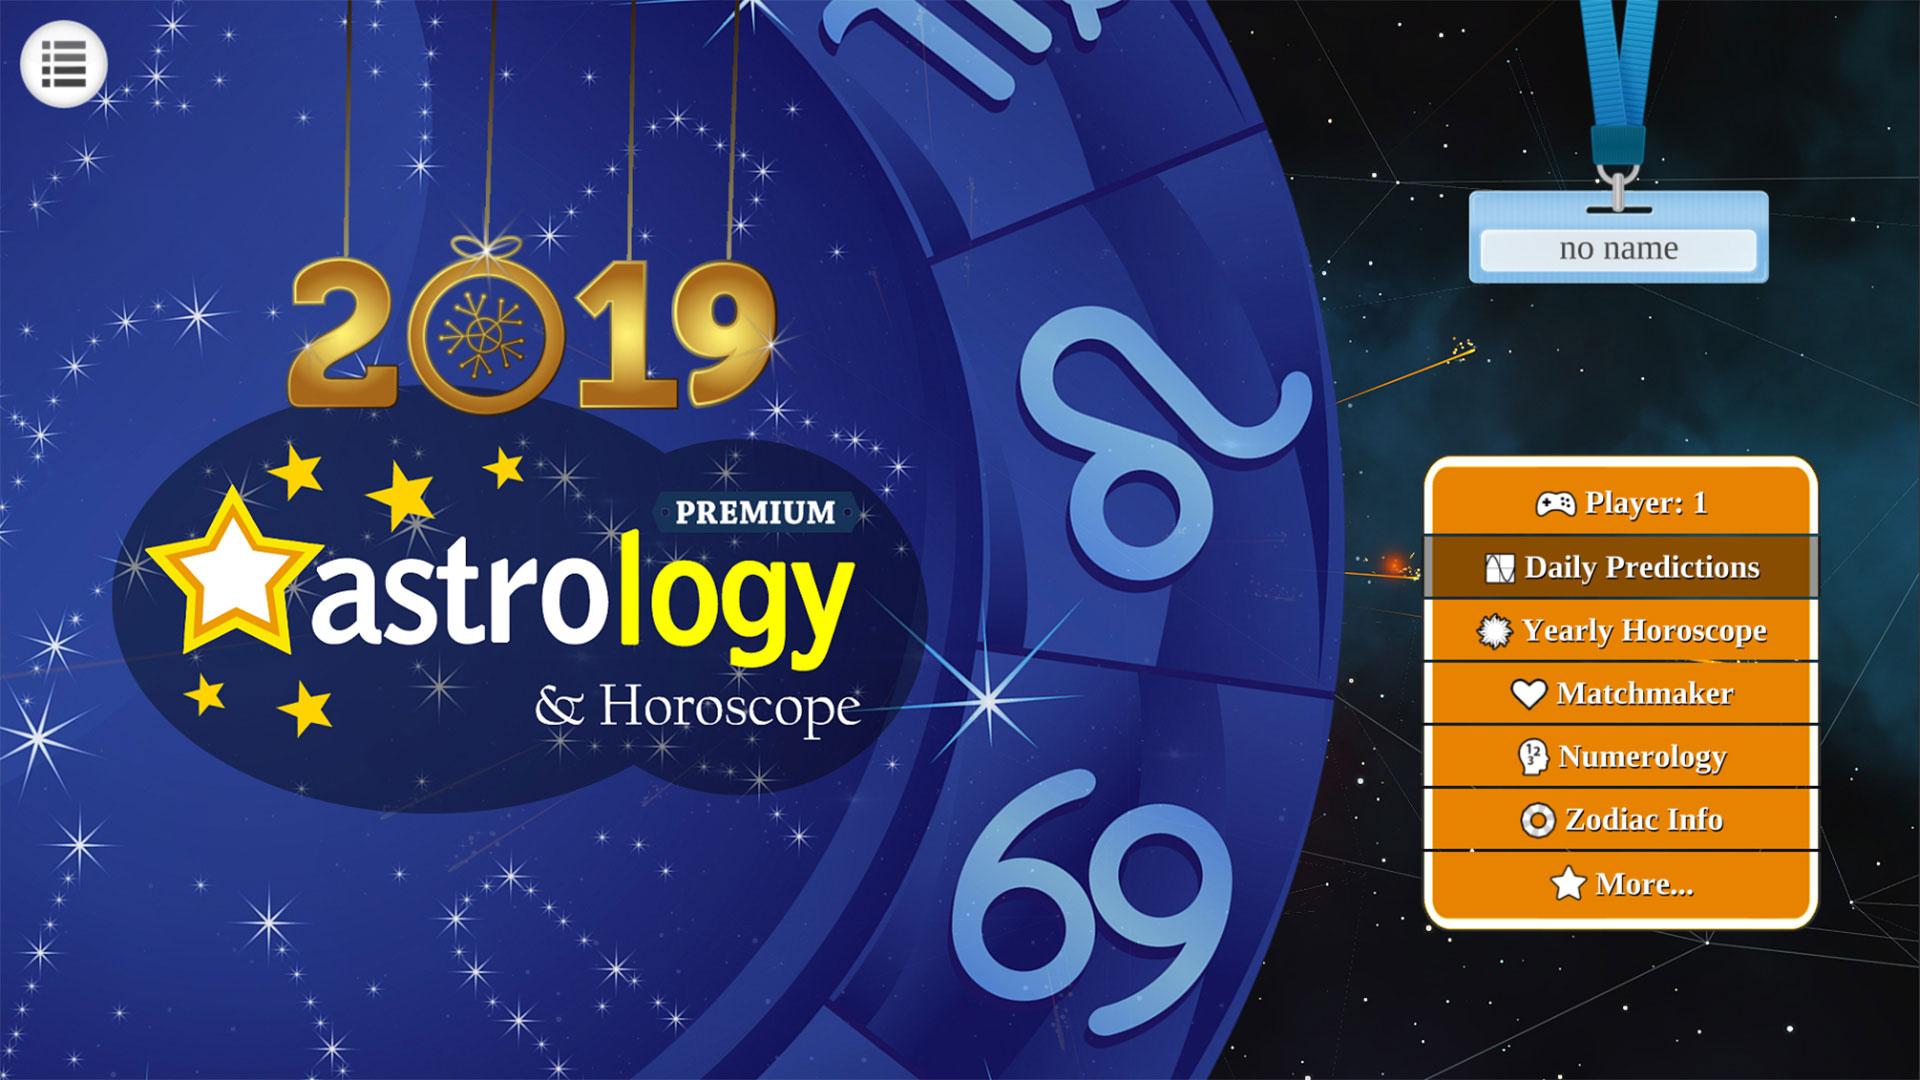 matchmaking enligt astrologi